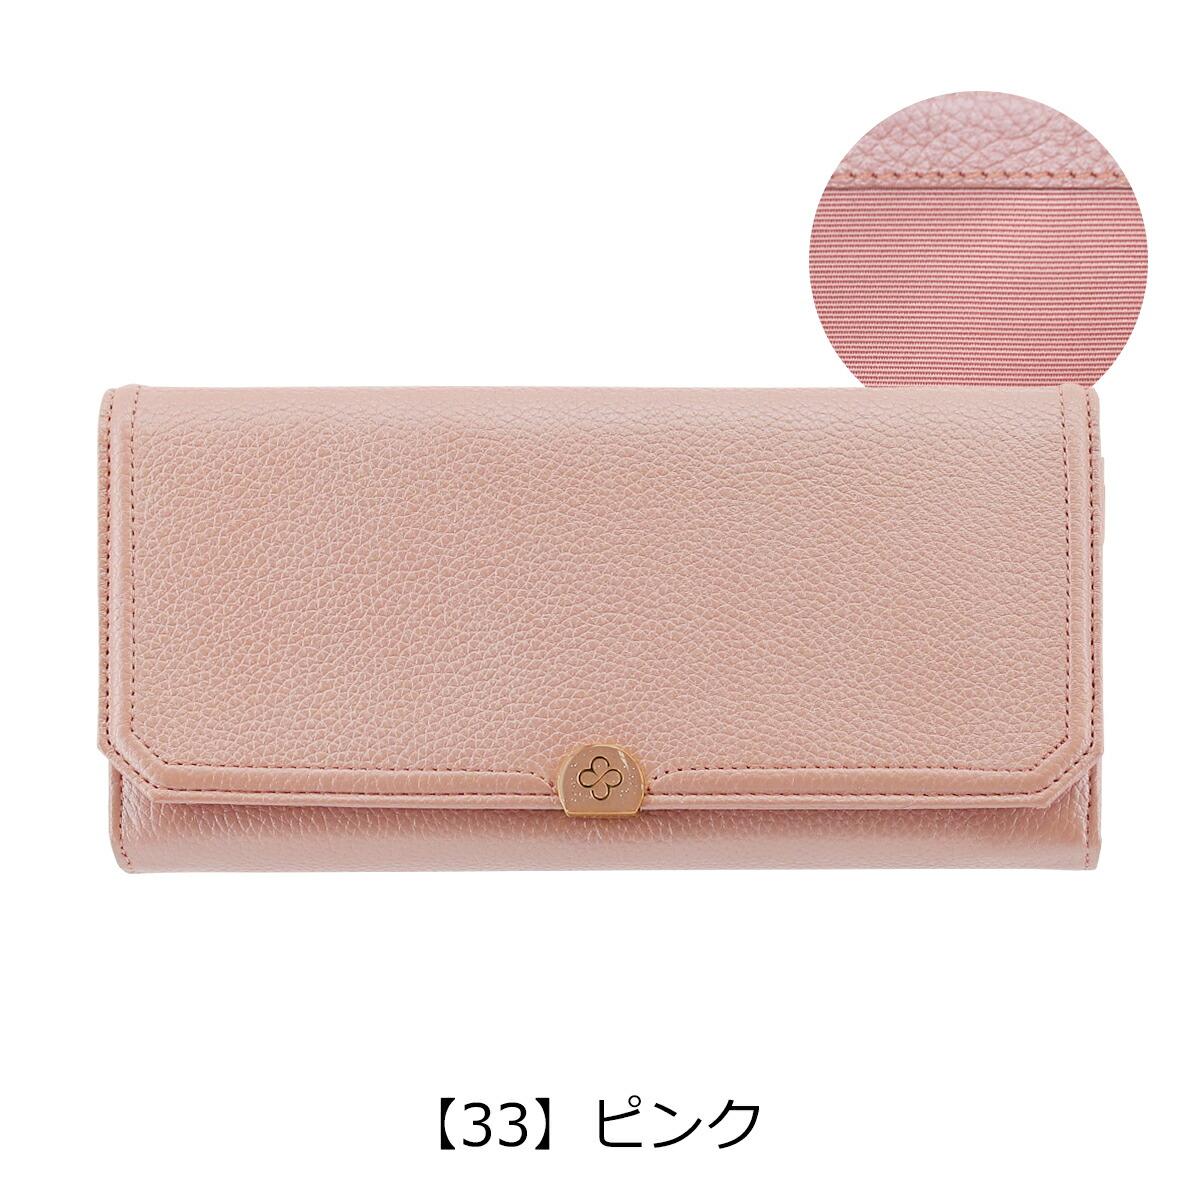 【33】ピンク